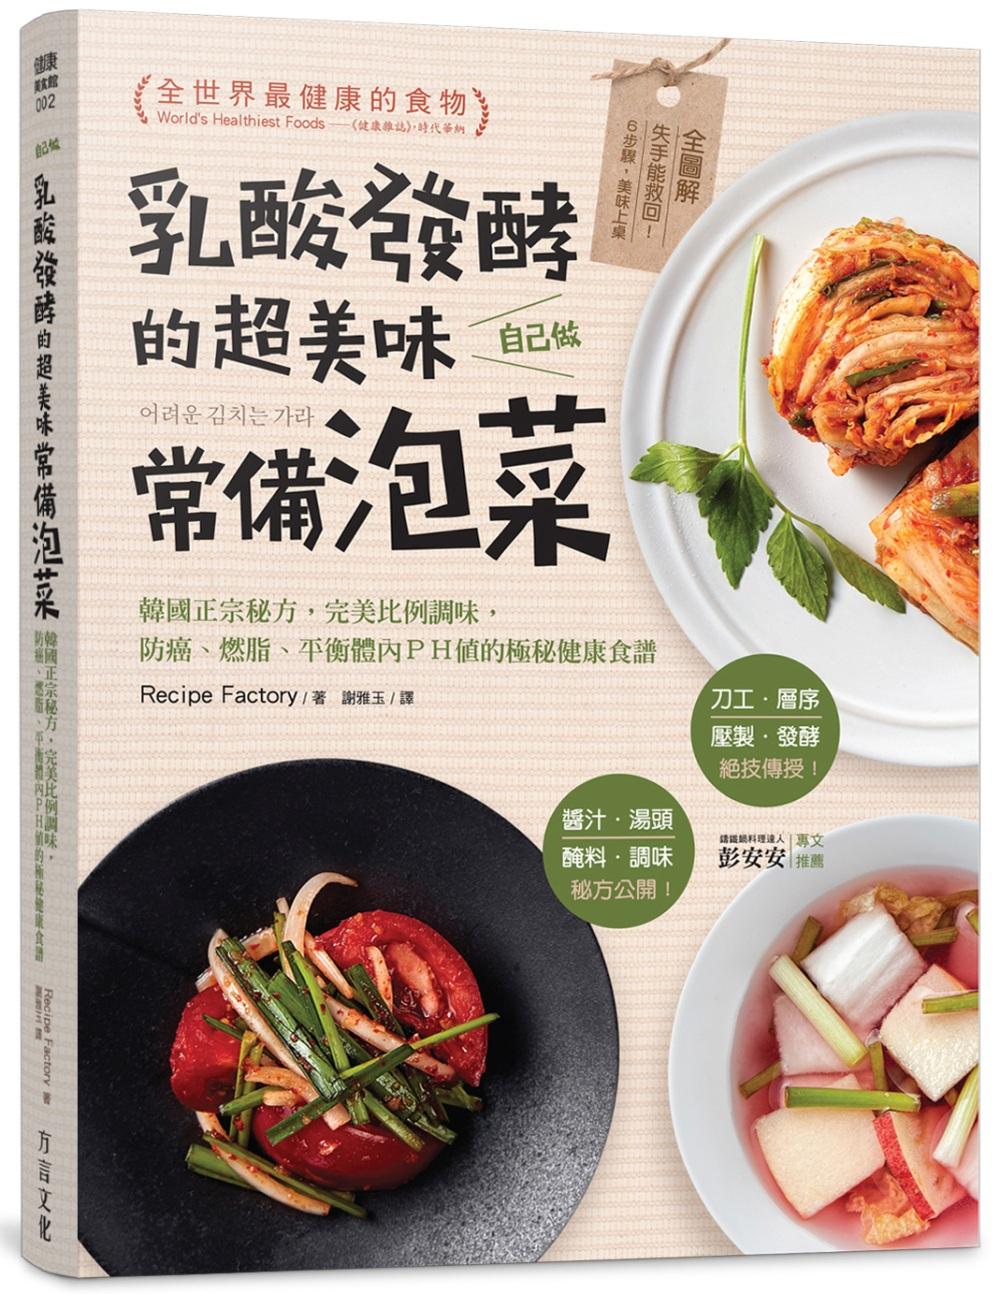 乳酸發酵的超美味常備泡菜,自己做:韓國 秘方,完美比例調味,防癌、燃脂、平衡體內PH值的極